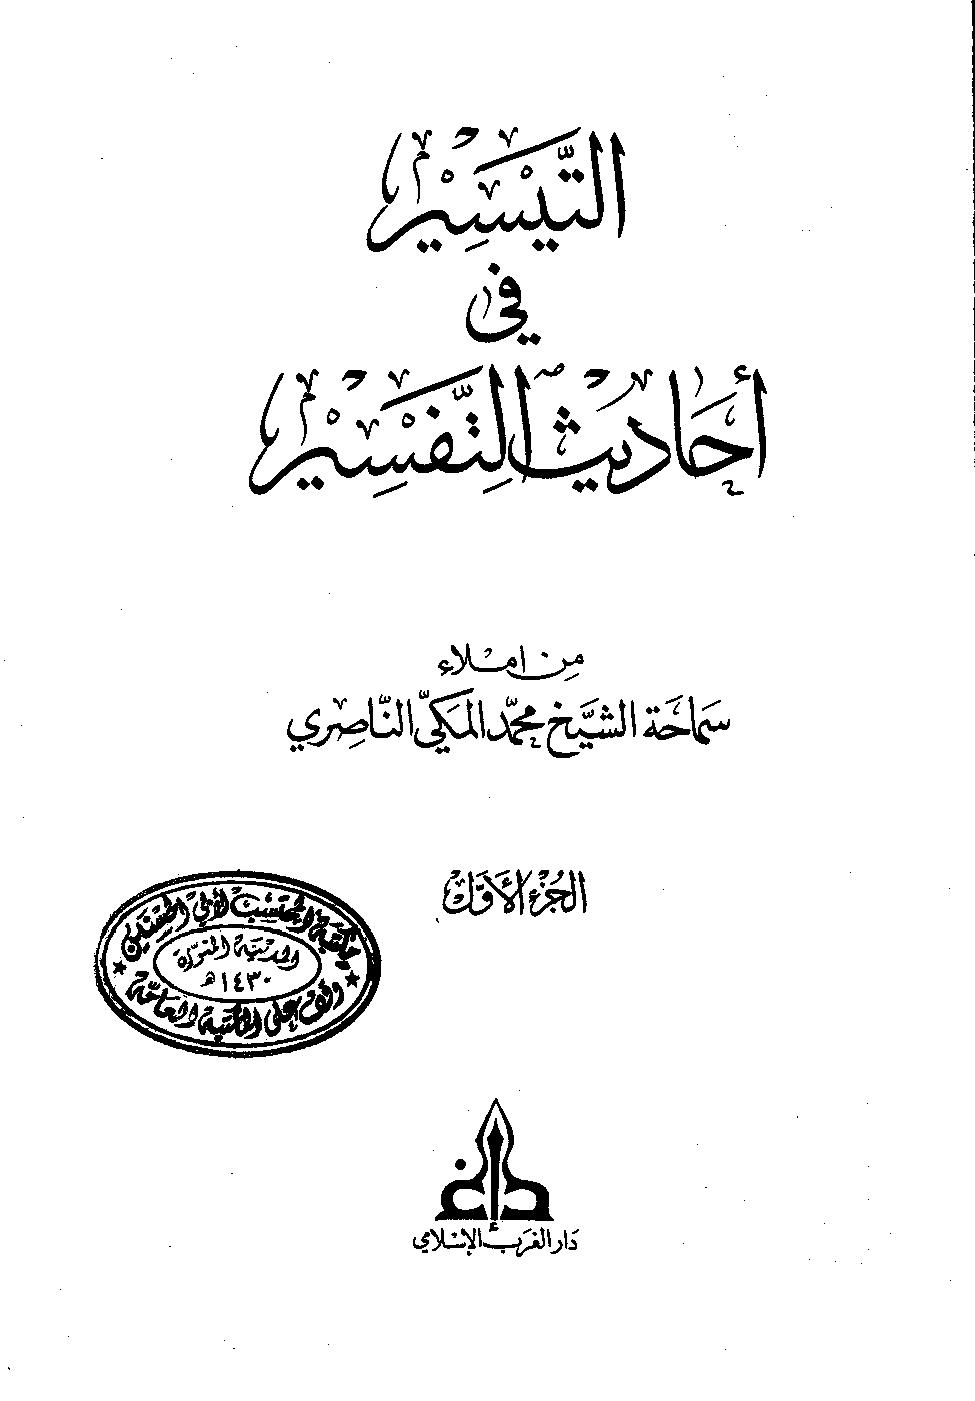 تحميل كتاب التيسير في أحاديث التفسير لـِ: الشيخ محمد المكي الناصري (ت 1414)